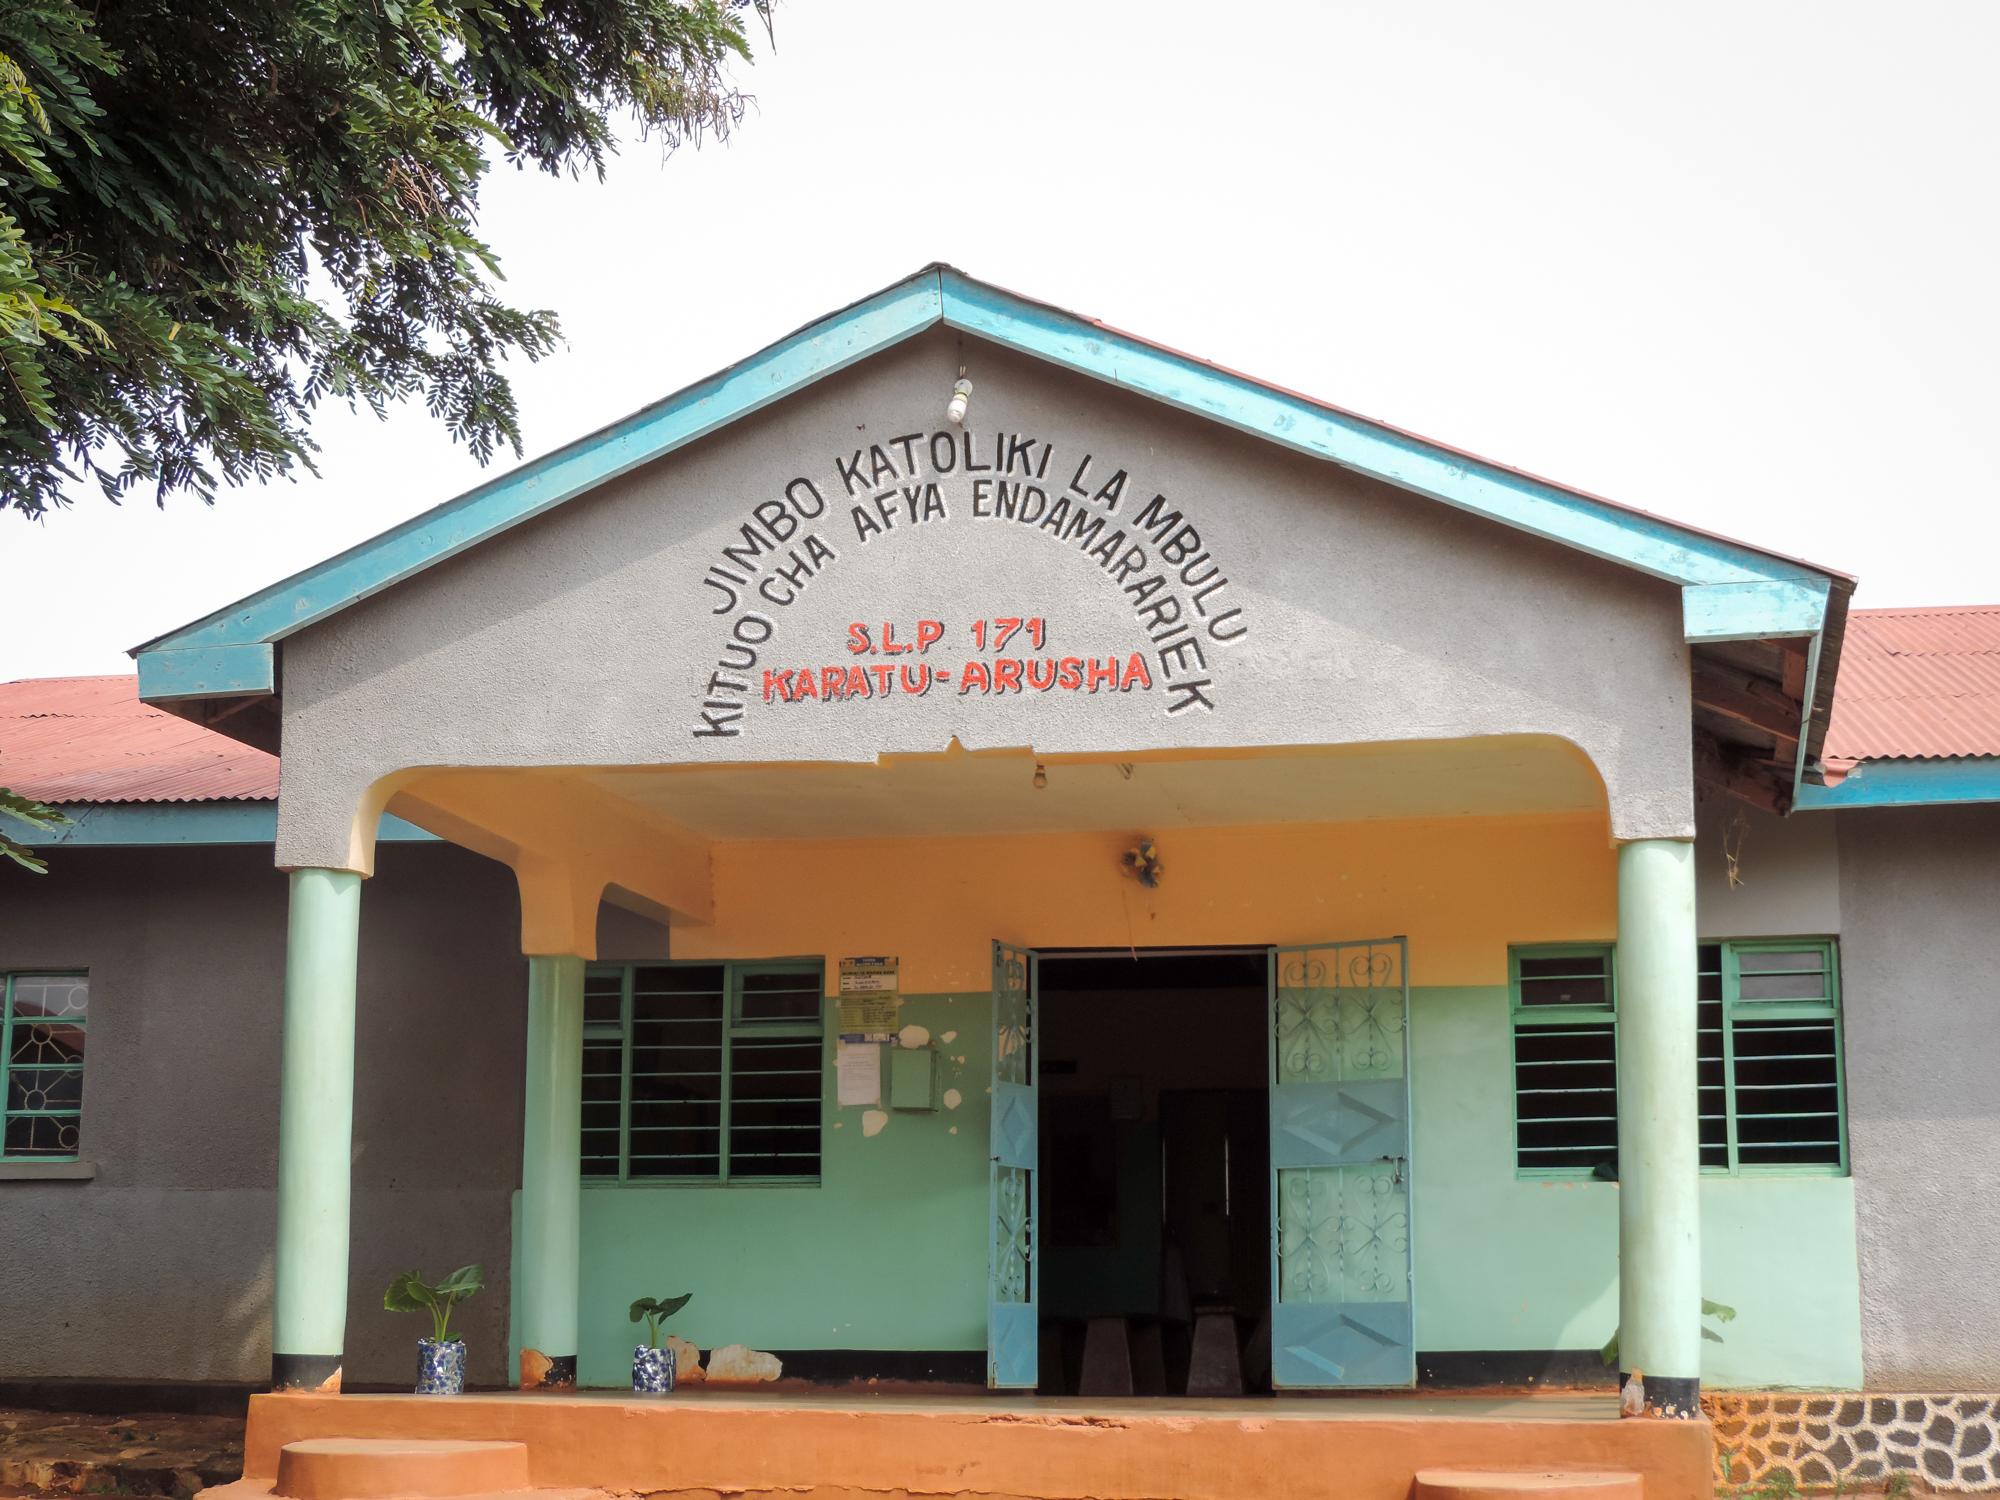 Eingang des Buschspitals in Endamarariek